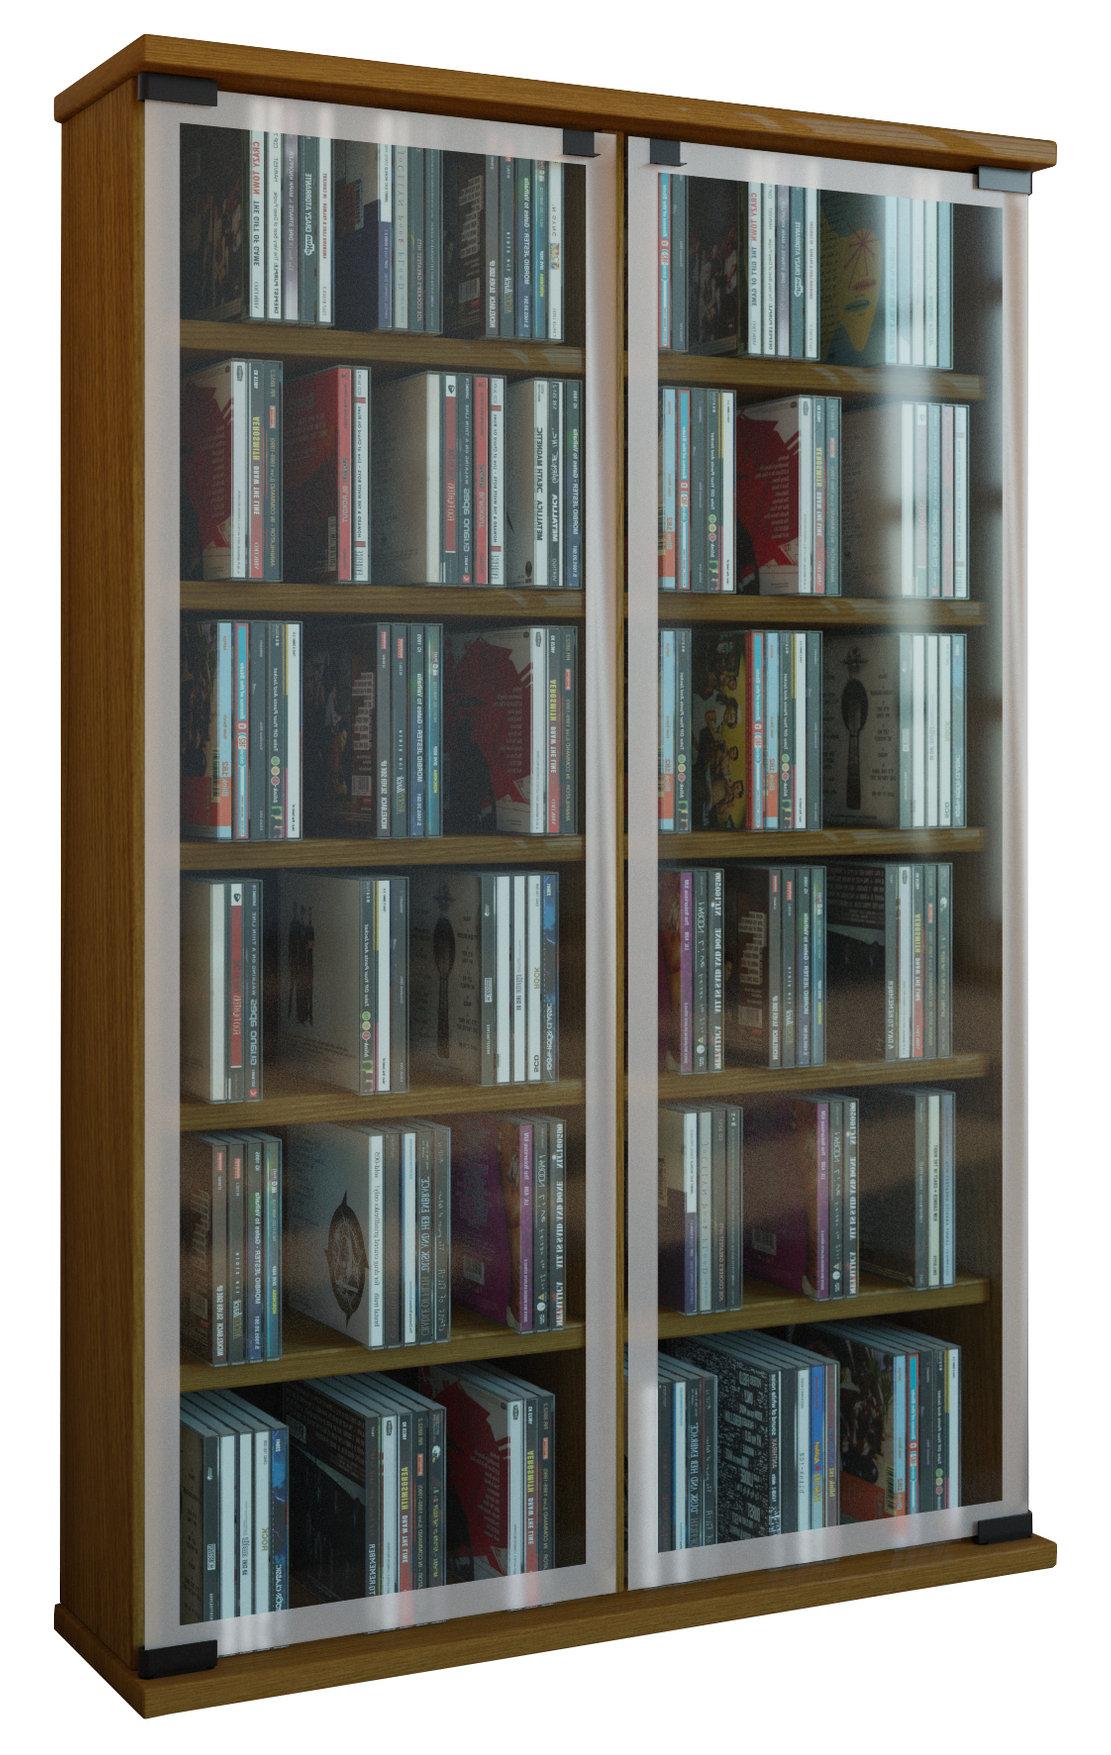 Full Size of Blu Ray Regal Konfigurator Offenes 25 Cm Tief Moormann String Pocket Kisten Für Getränkekisten Babyzimmer Kernbuche Roller Regale Holz Wandregal Küche Regal Regal Konfigurator